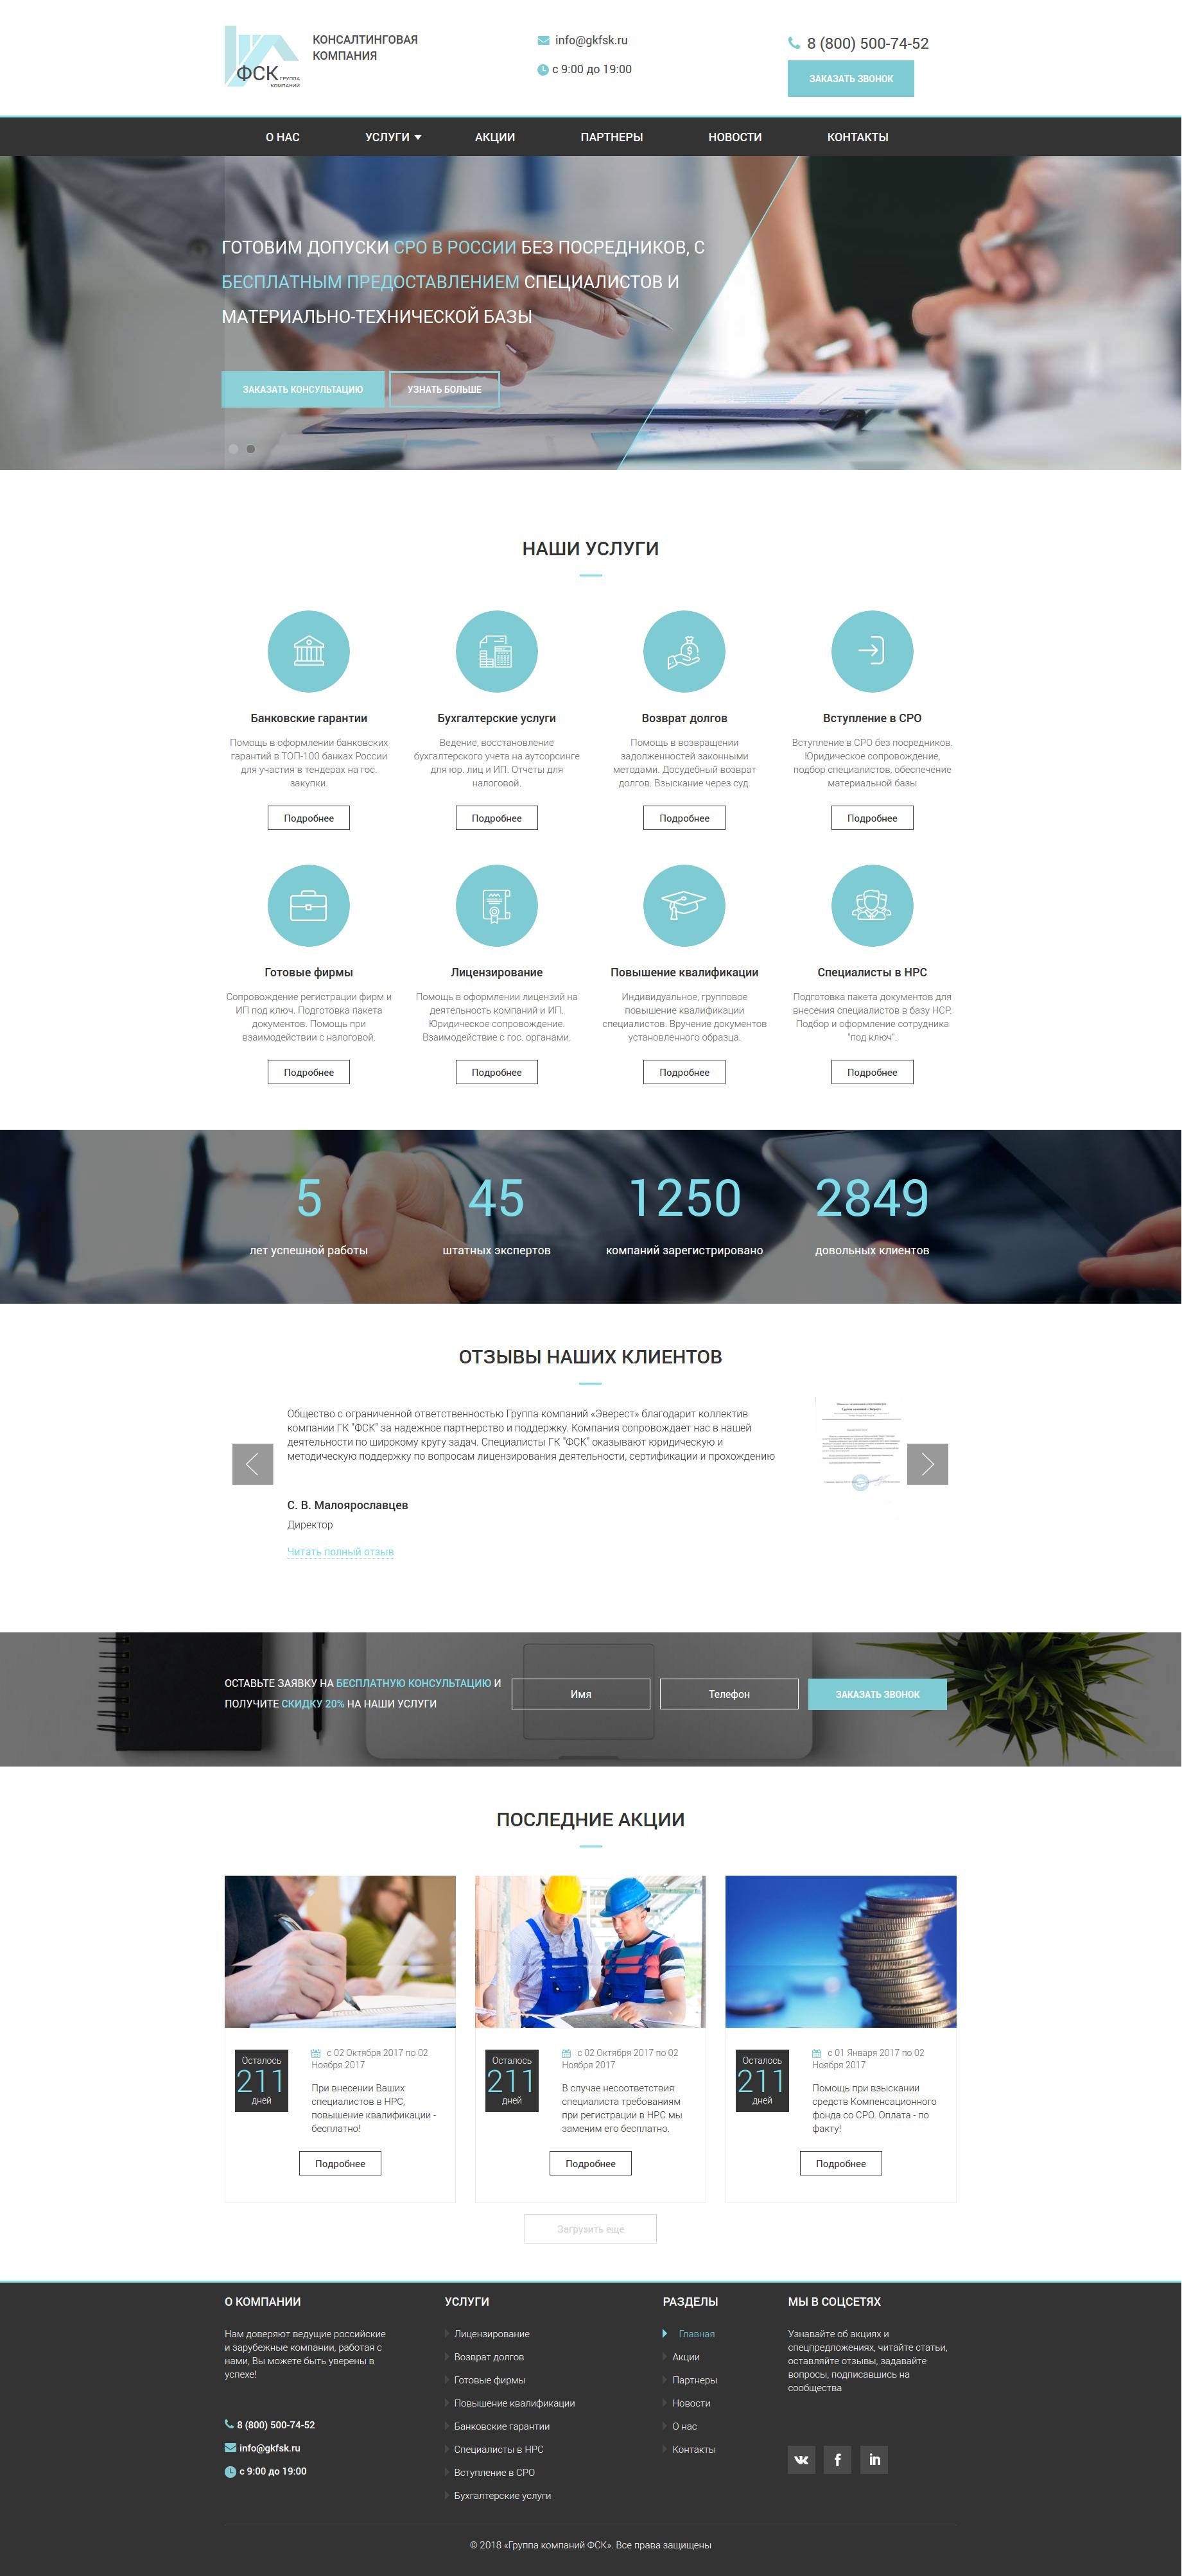 613e0bbb380 Фрилансер Татьяна Шадрина • веб-программирование и дизайн сайтов ...